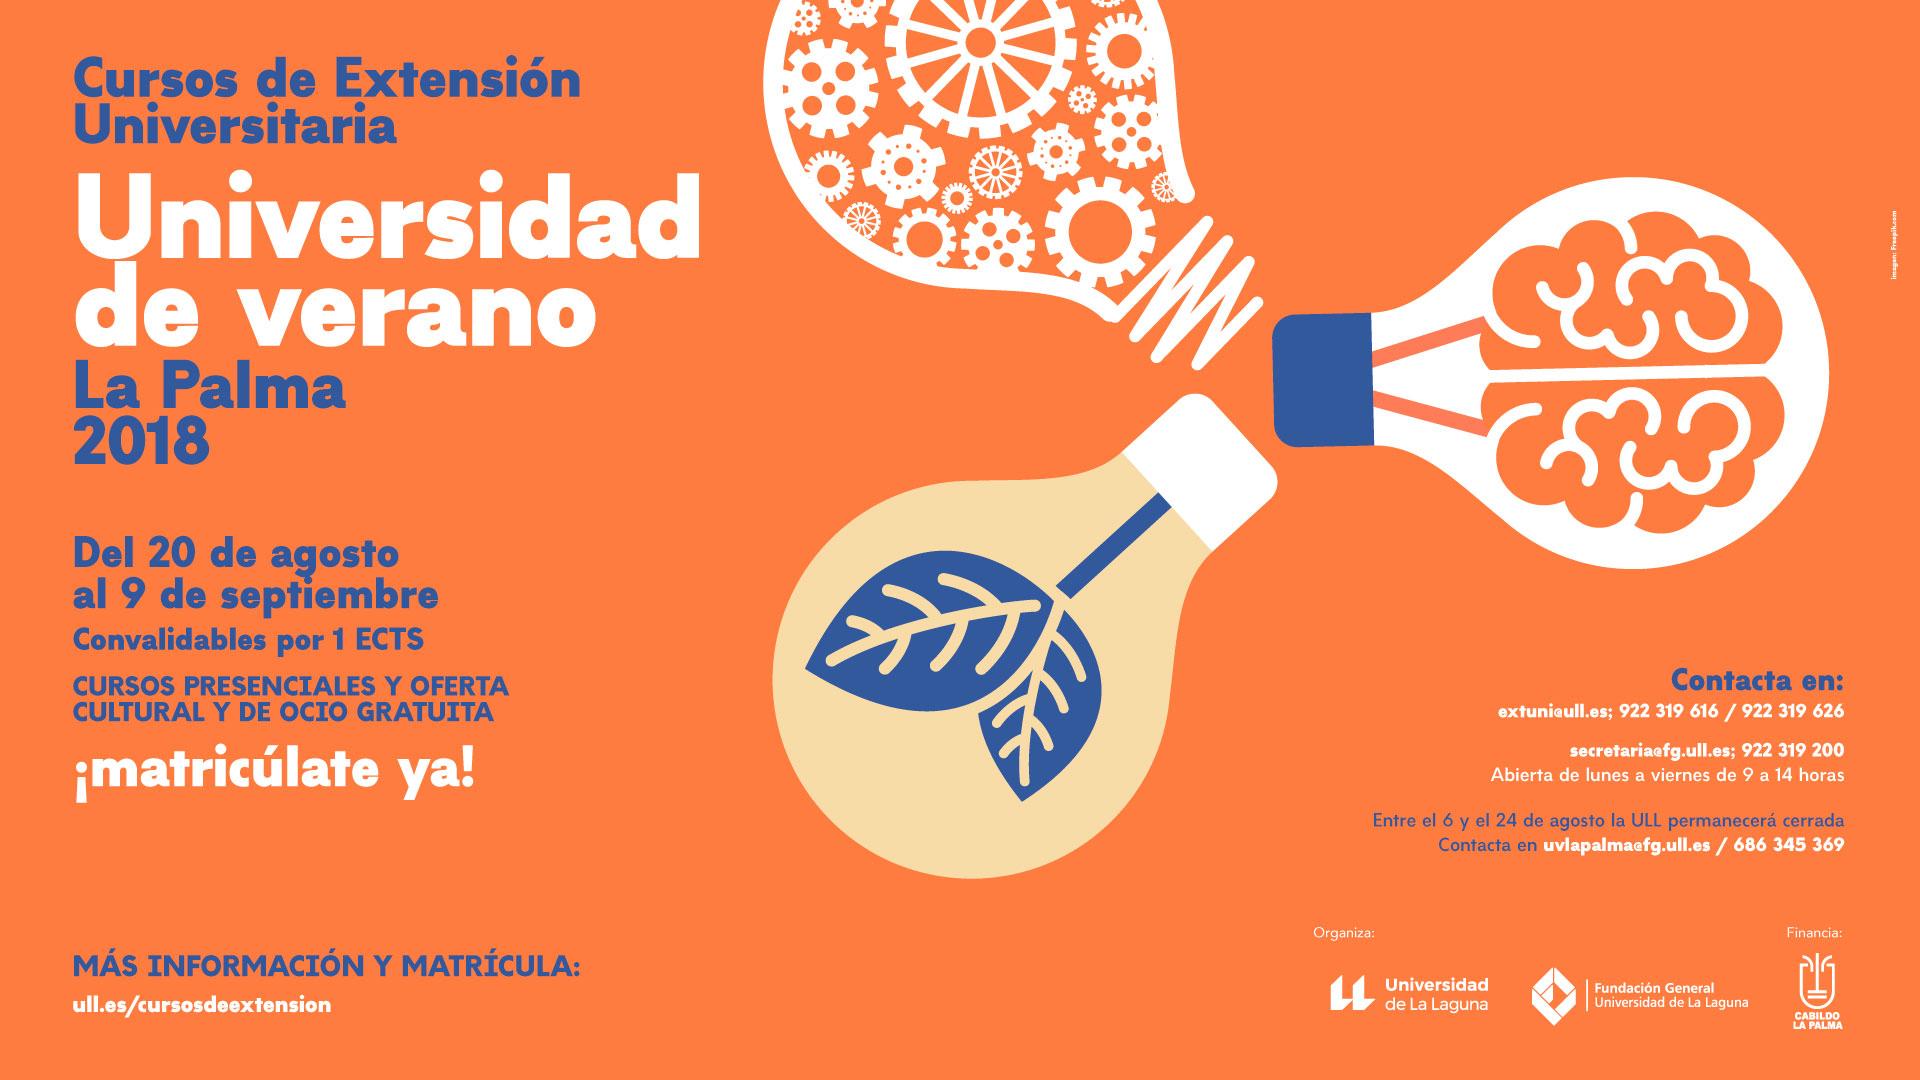 La Universidad de Verano de La Palma organiza 16 actividades culturales gratuitas